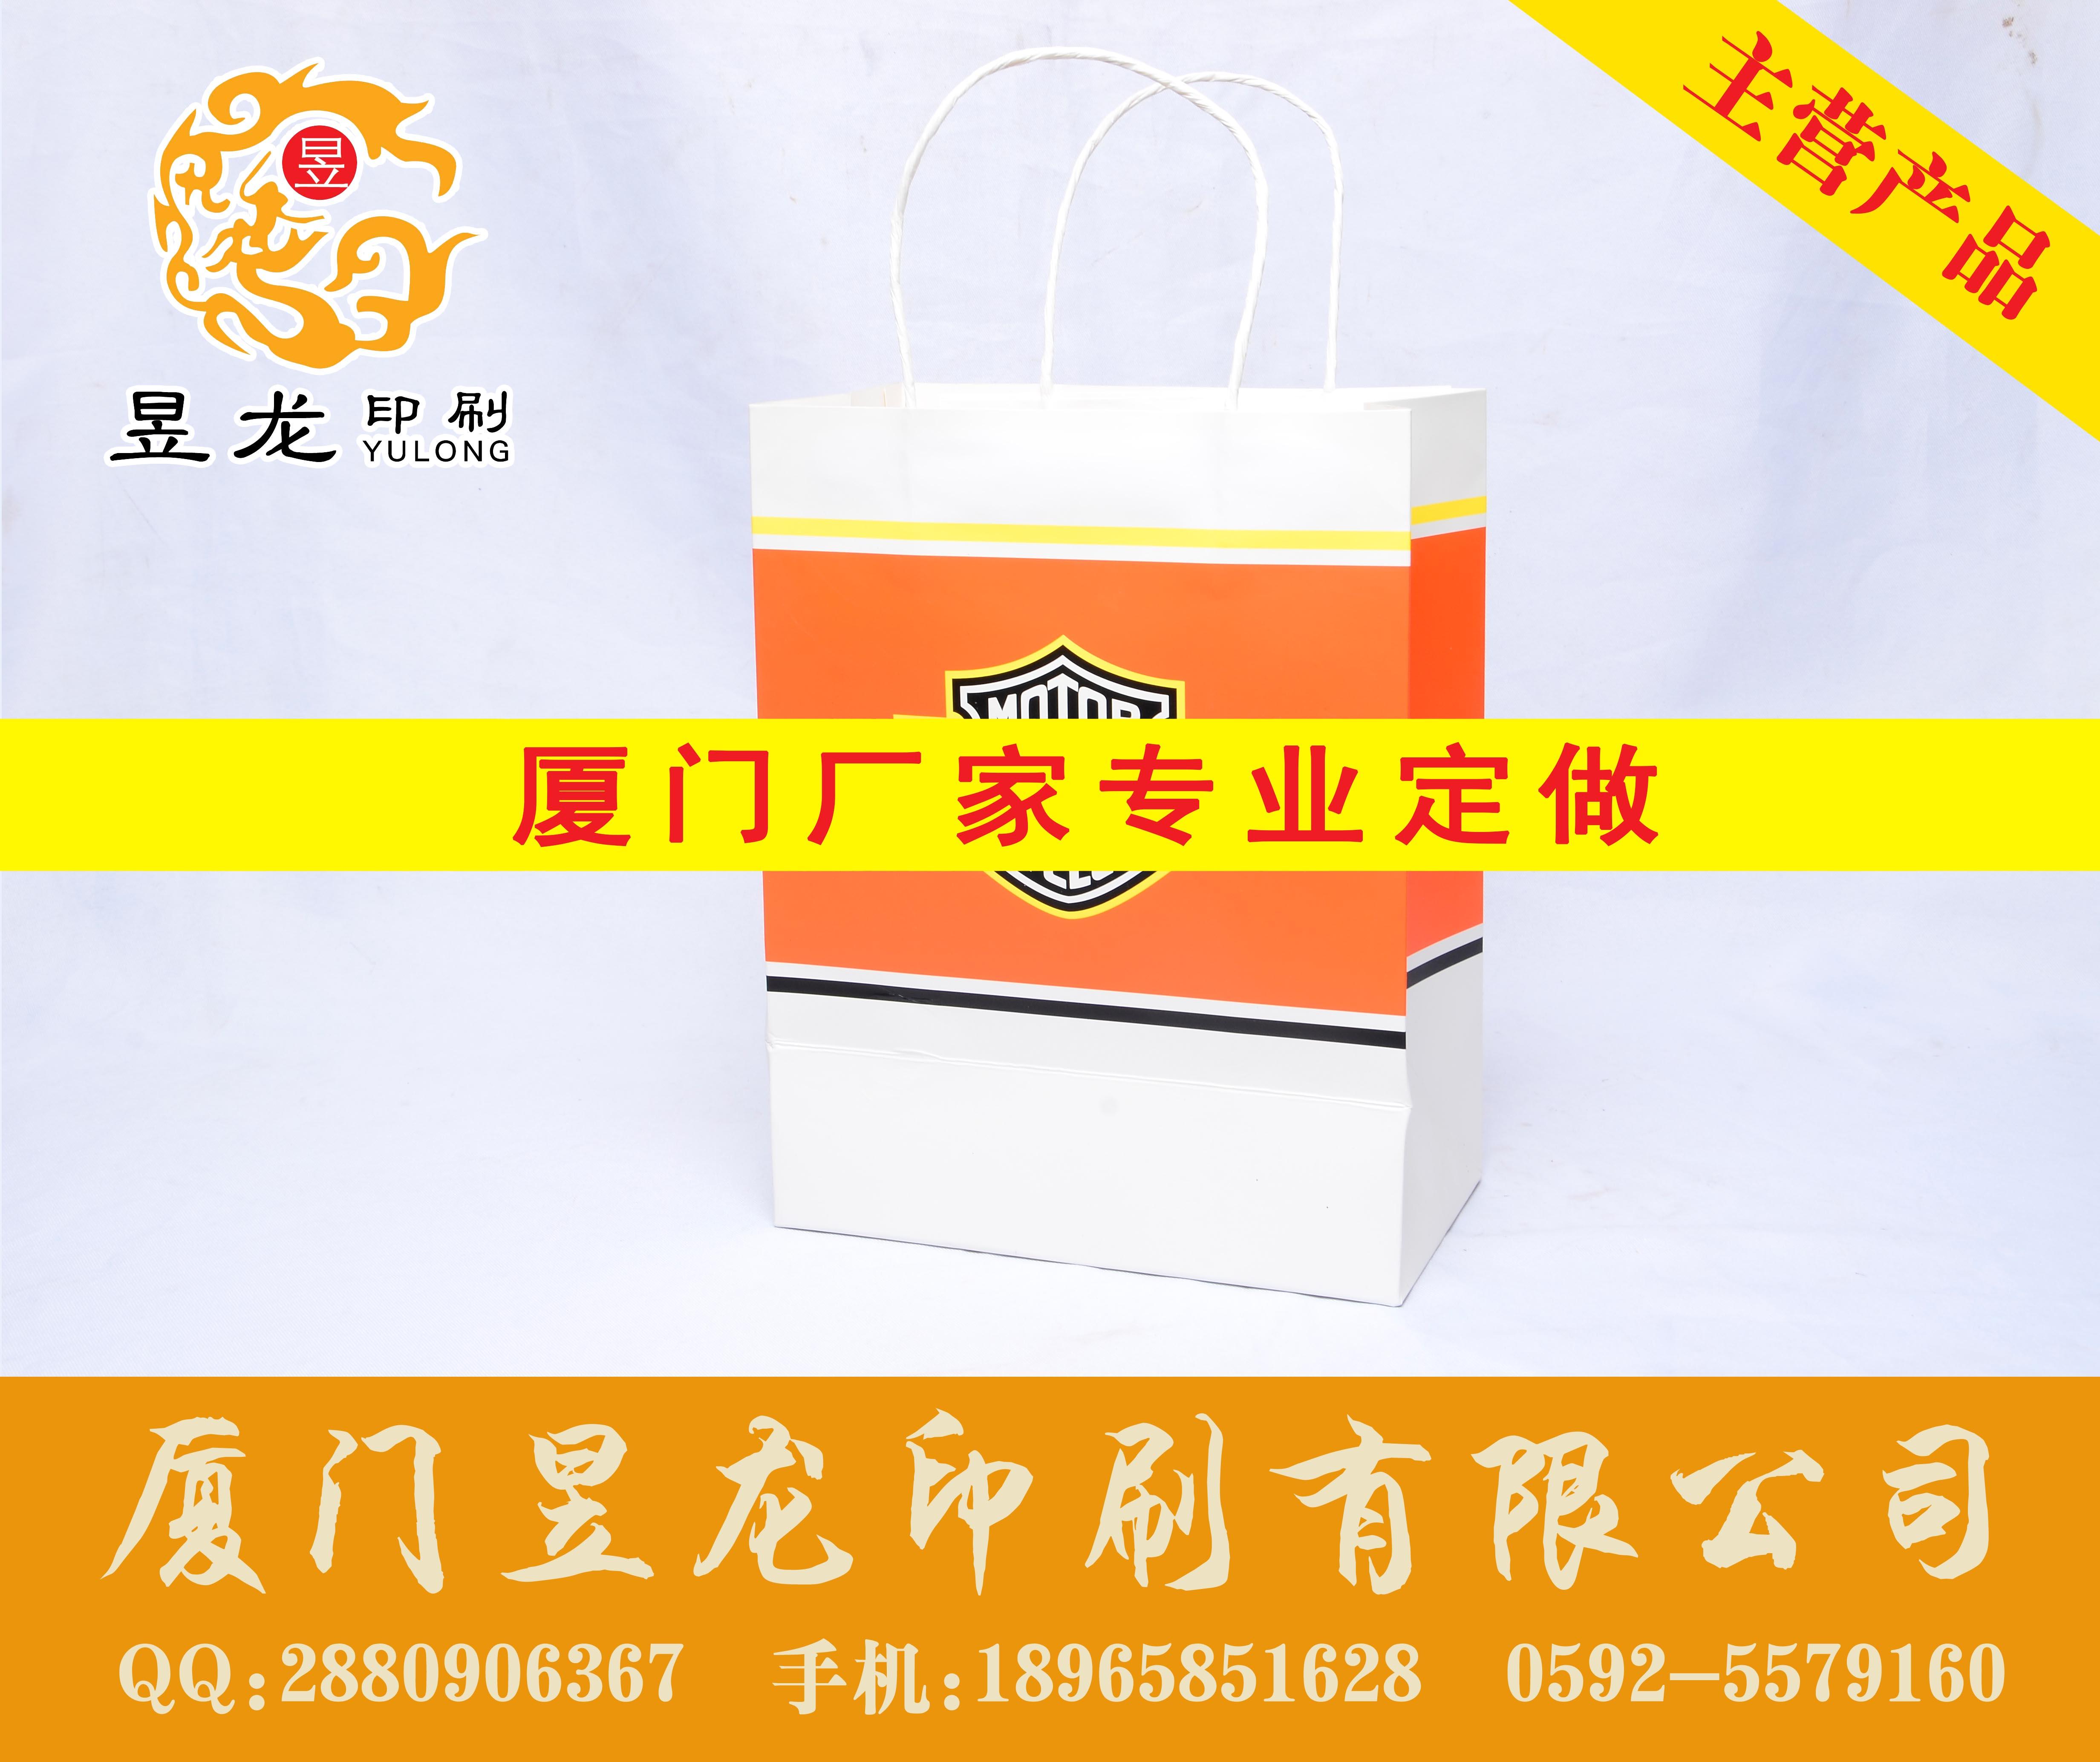 规模大的食品手提袋生产厂家推荐 宁德服装手提袋